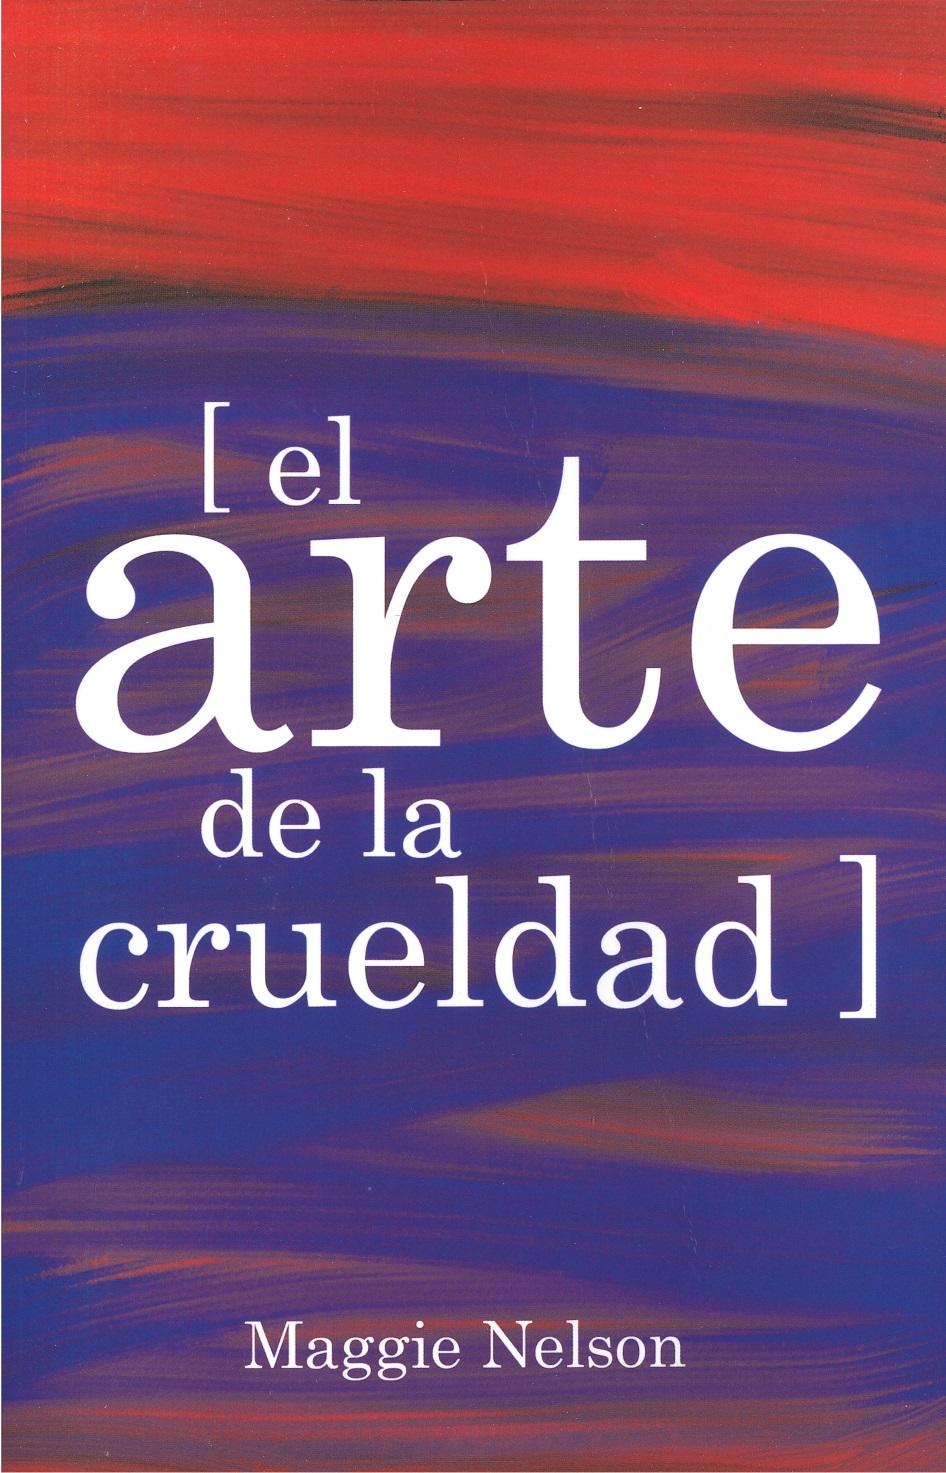 el_arte_de_la_crueldad.jpg